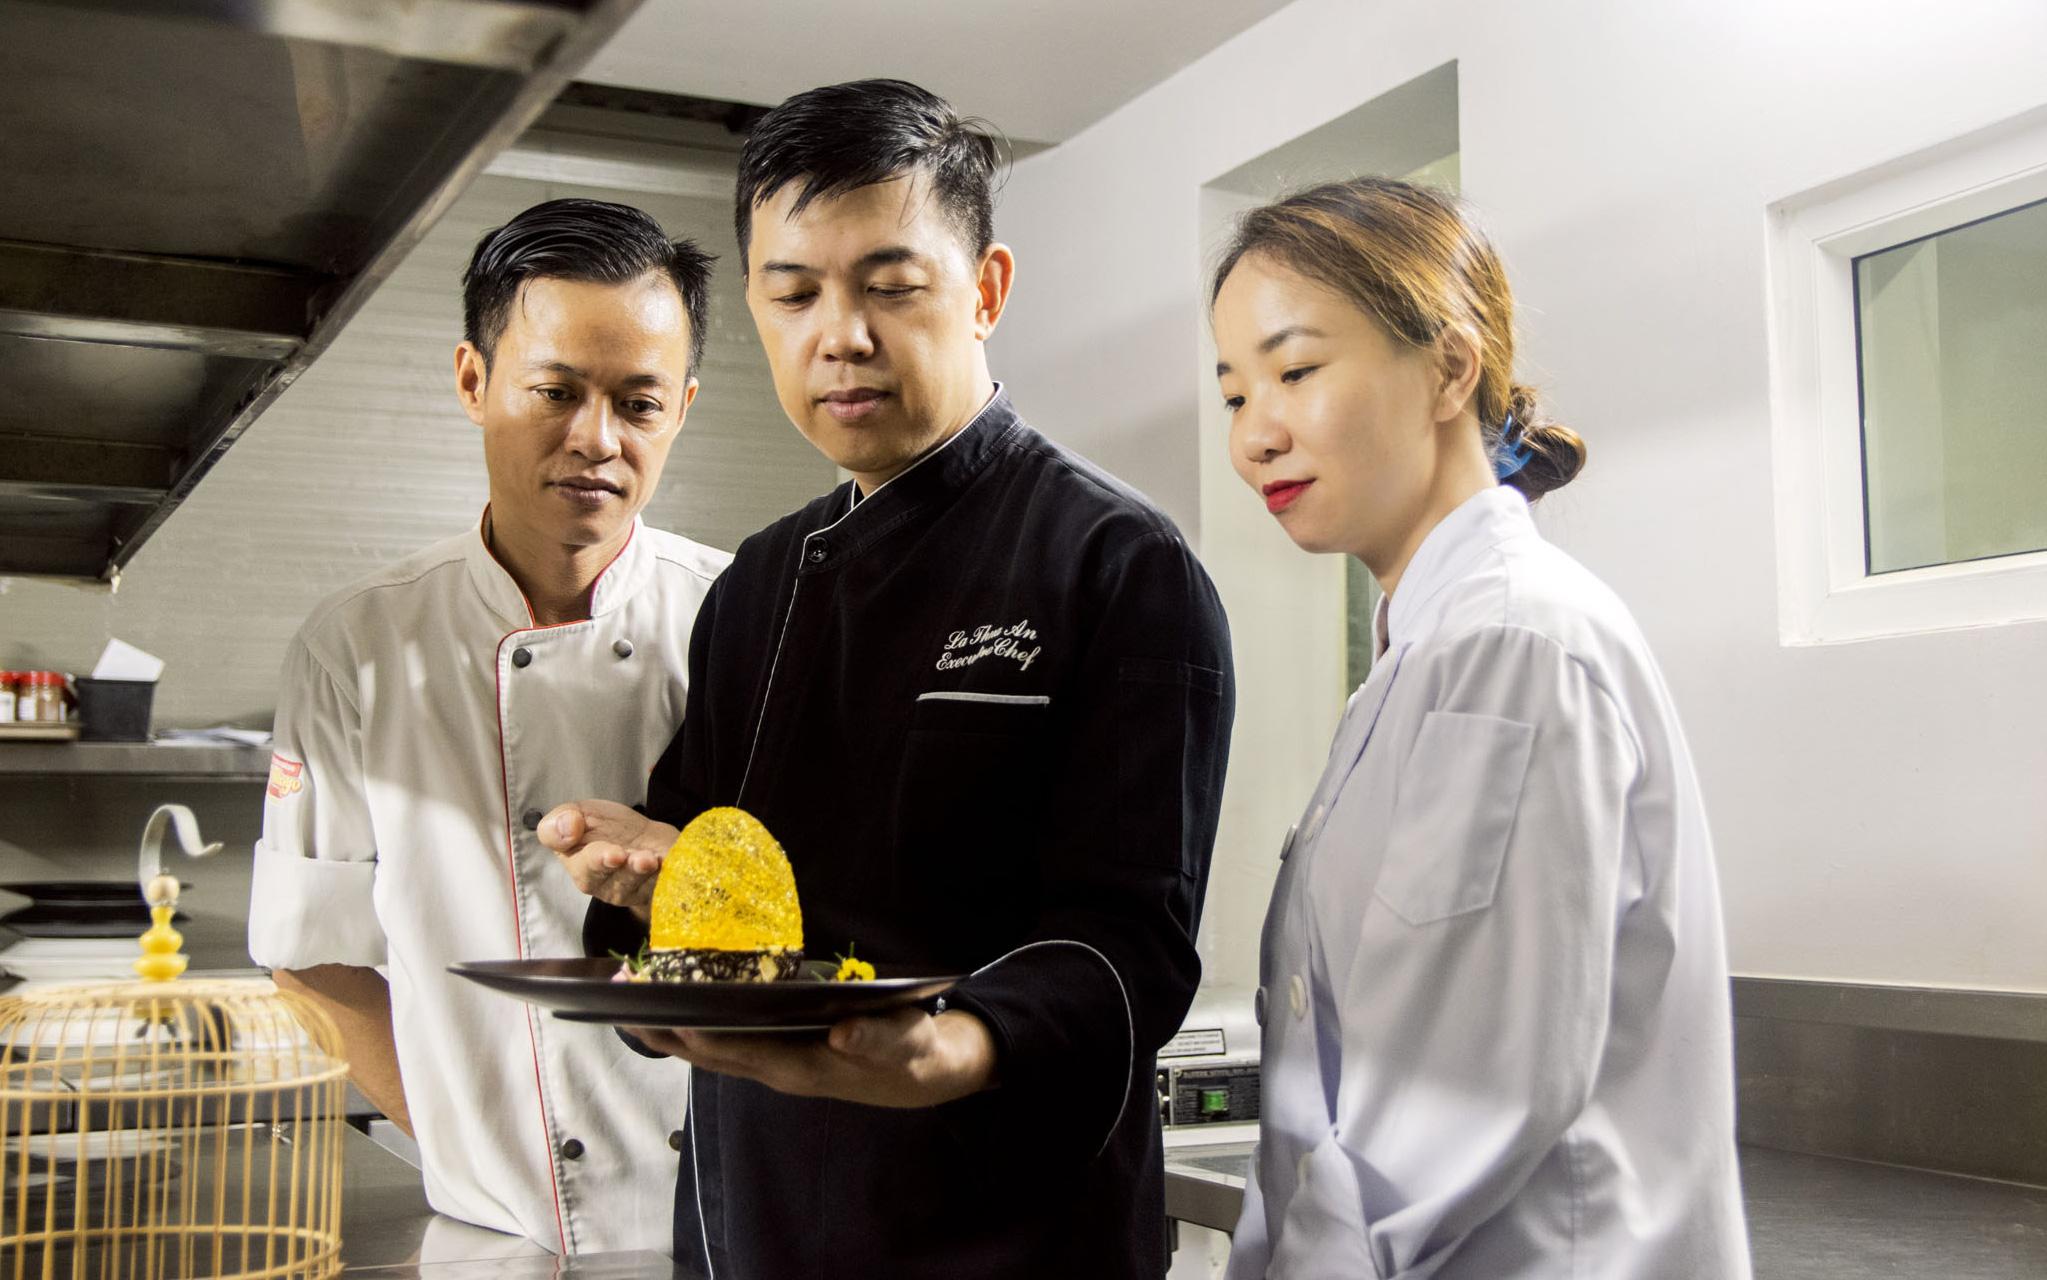 Trò chuyện với bếp trưởng La Thừa Ân - chàng trai gốc Huế chọn rời nước Pháp hoa lệ, trở về Việt Nam phát triển văn hóa ẩm thực xa hoa